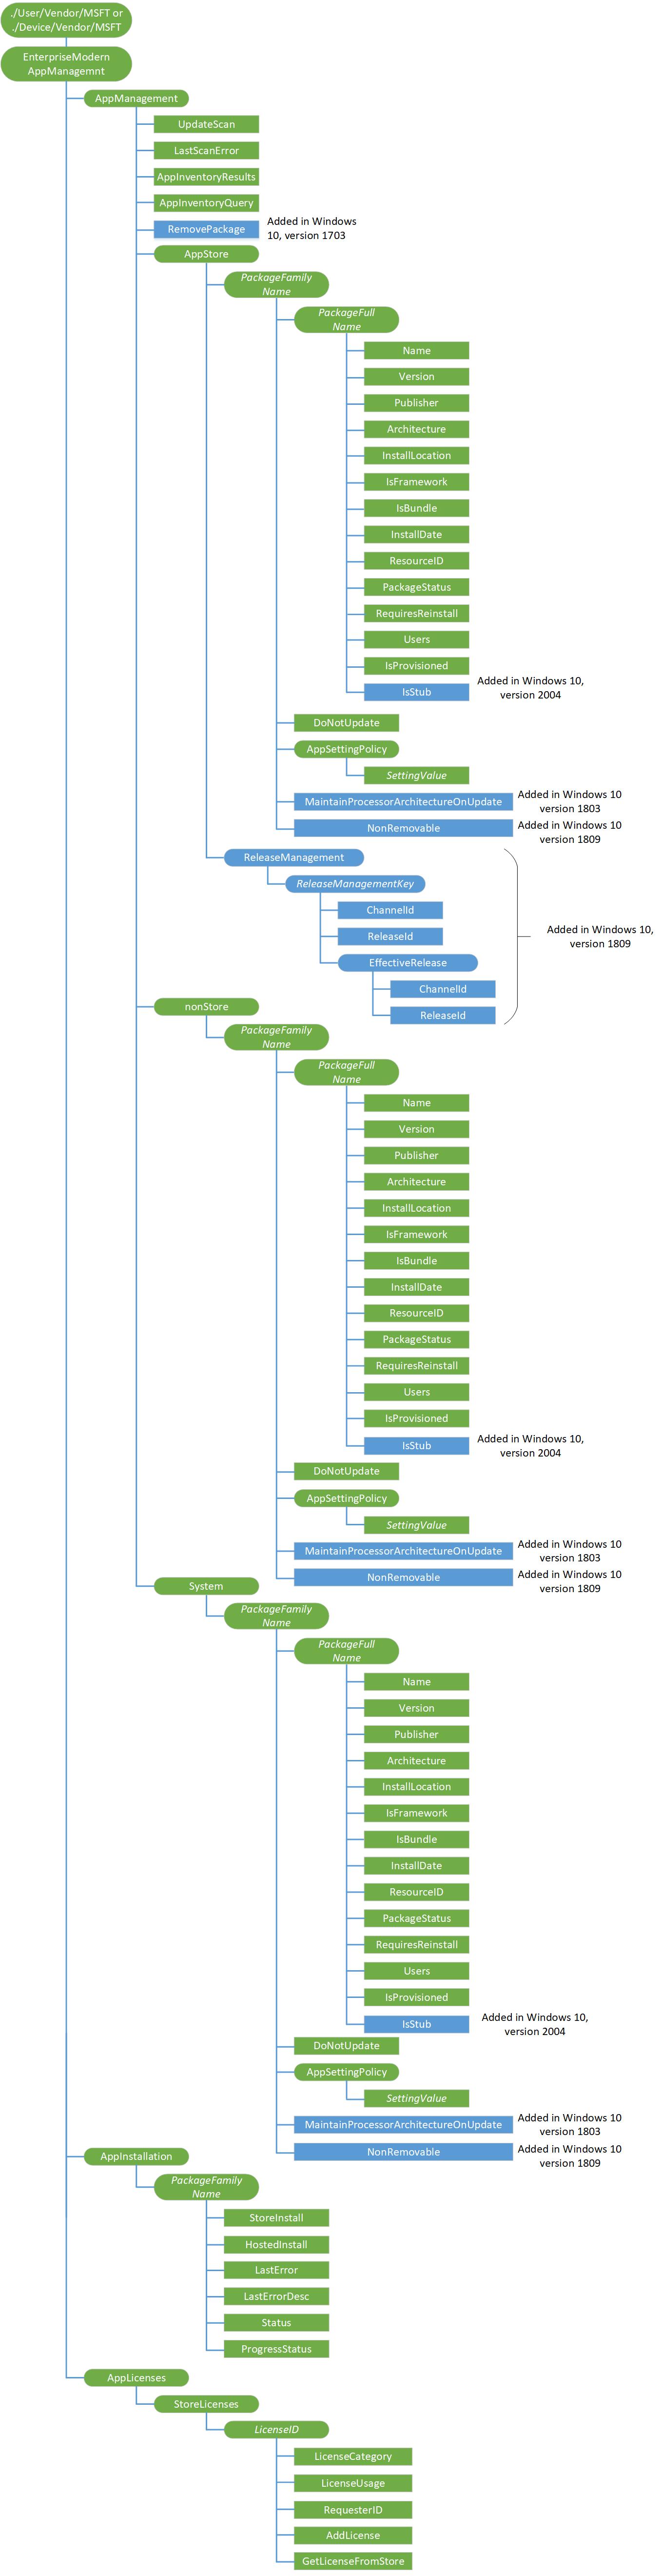 Enterprise app management | Microsoft Docs